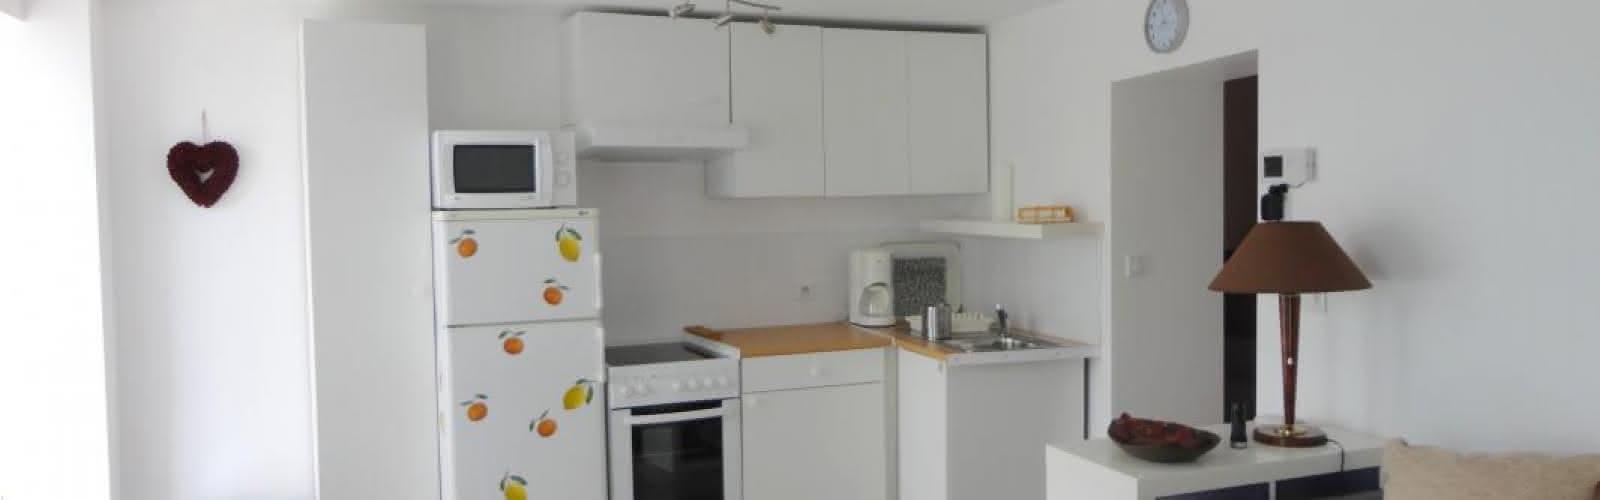 Cuisine ouverte équipée sur séjour, salon : micro-ondes, four, réfrigérateur avec compartiment congélateur, machine à café à dosette.